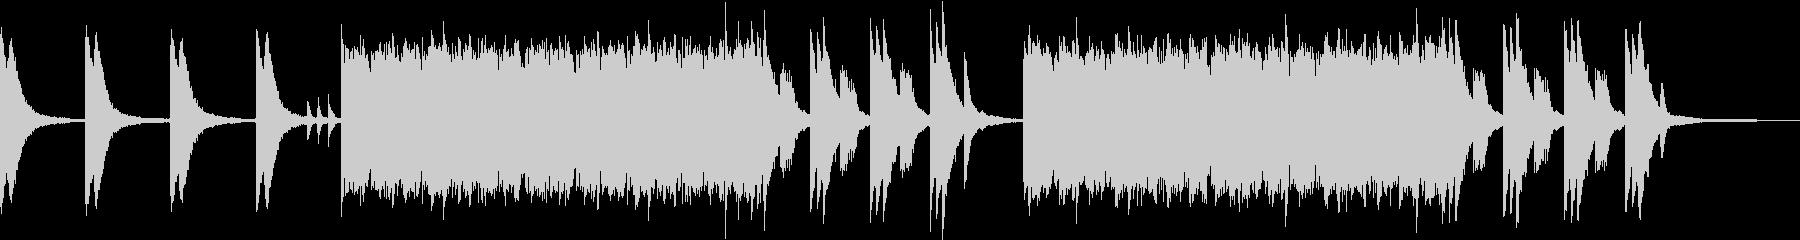 川をイメージしたピアノソロの未再生の波形